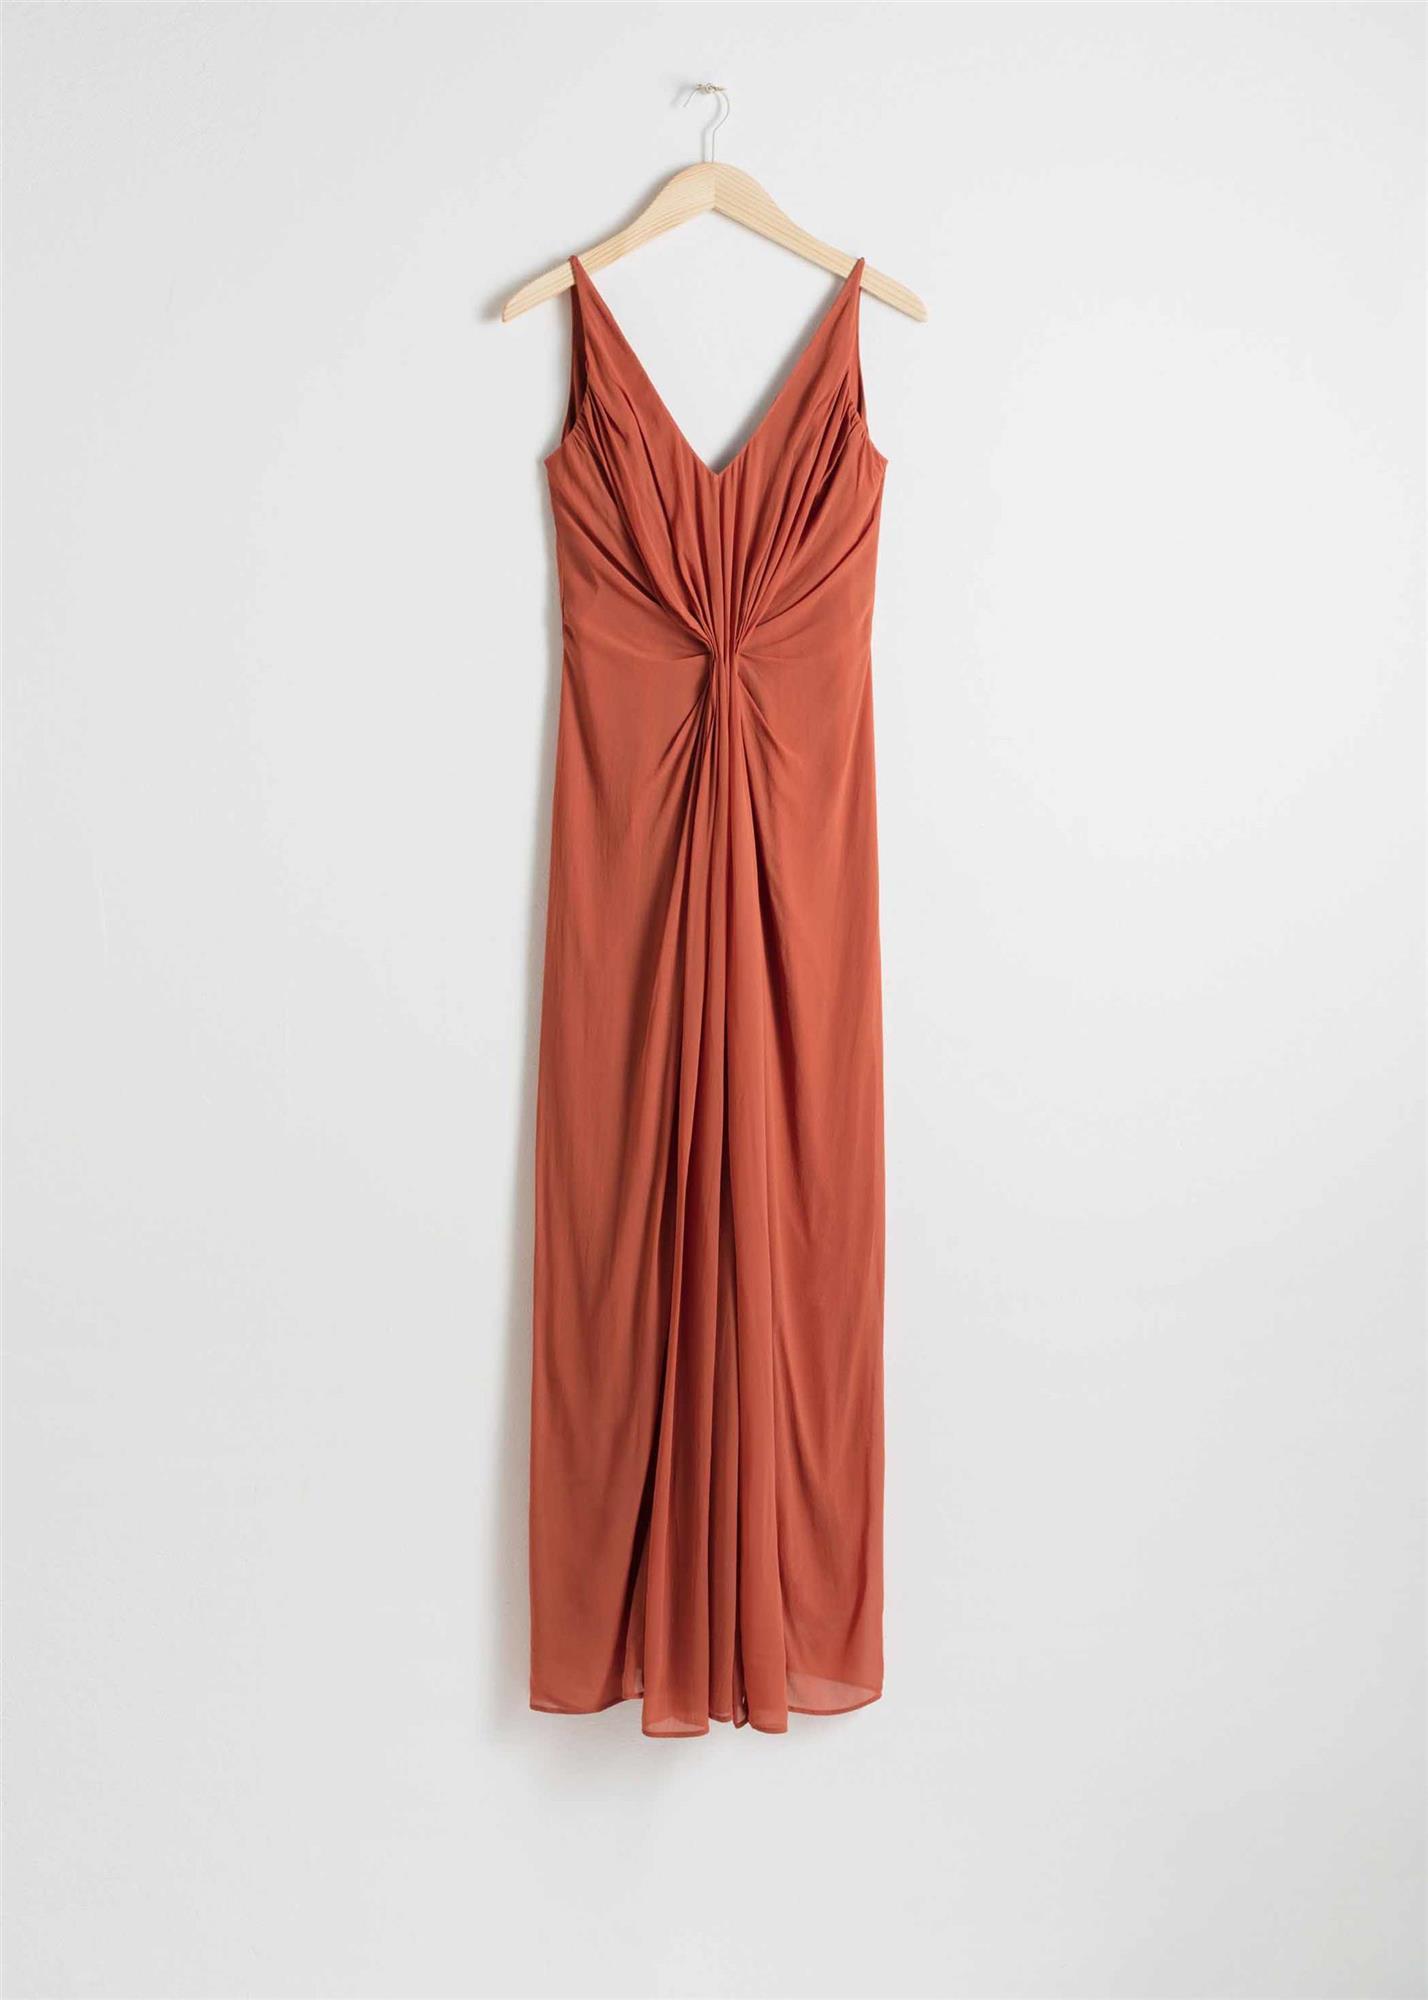 a080b6352 Vestido coral con fruncido de   other stories. Vestido salmón de estilo  griego